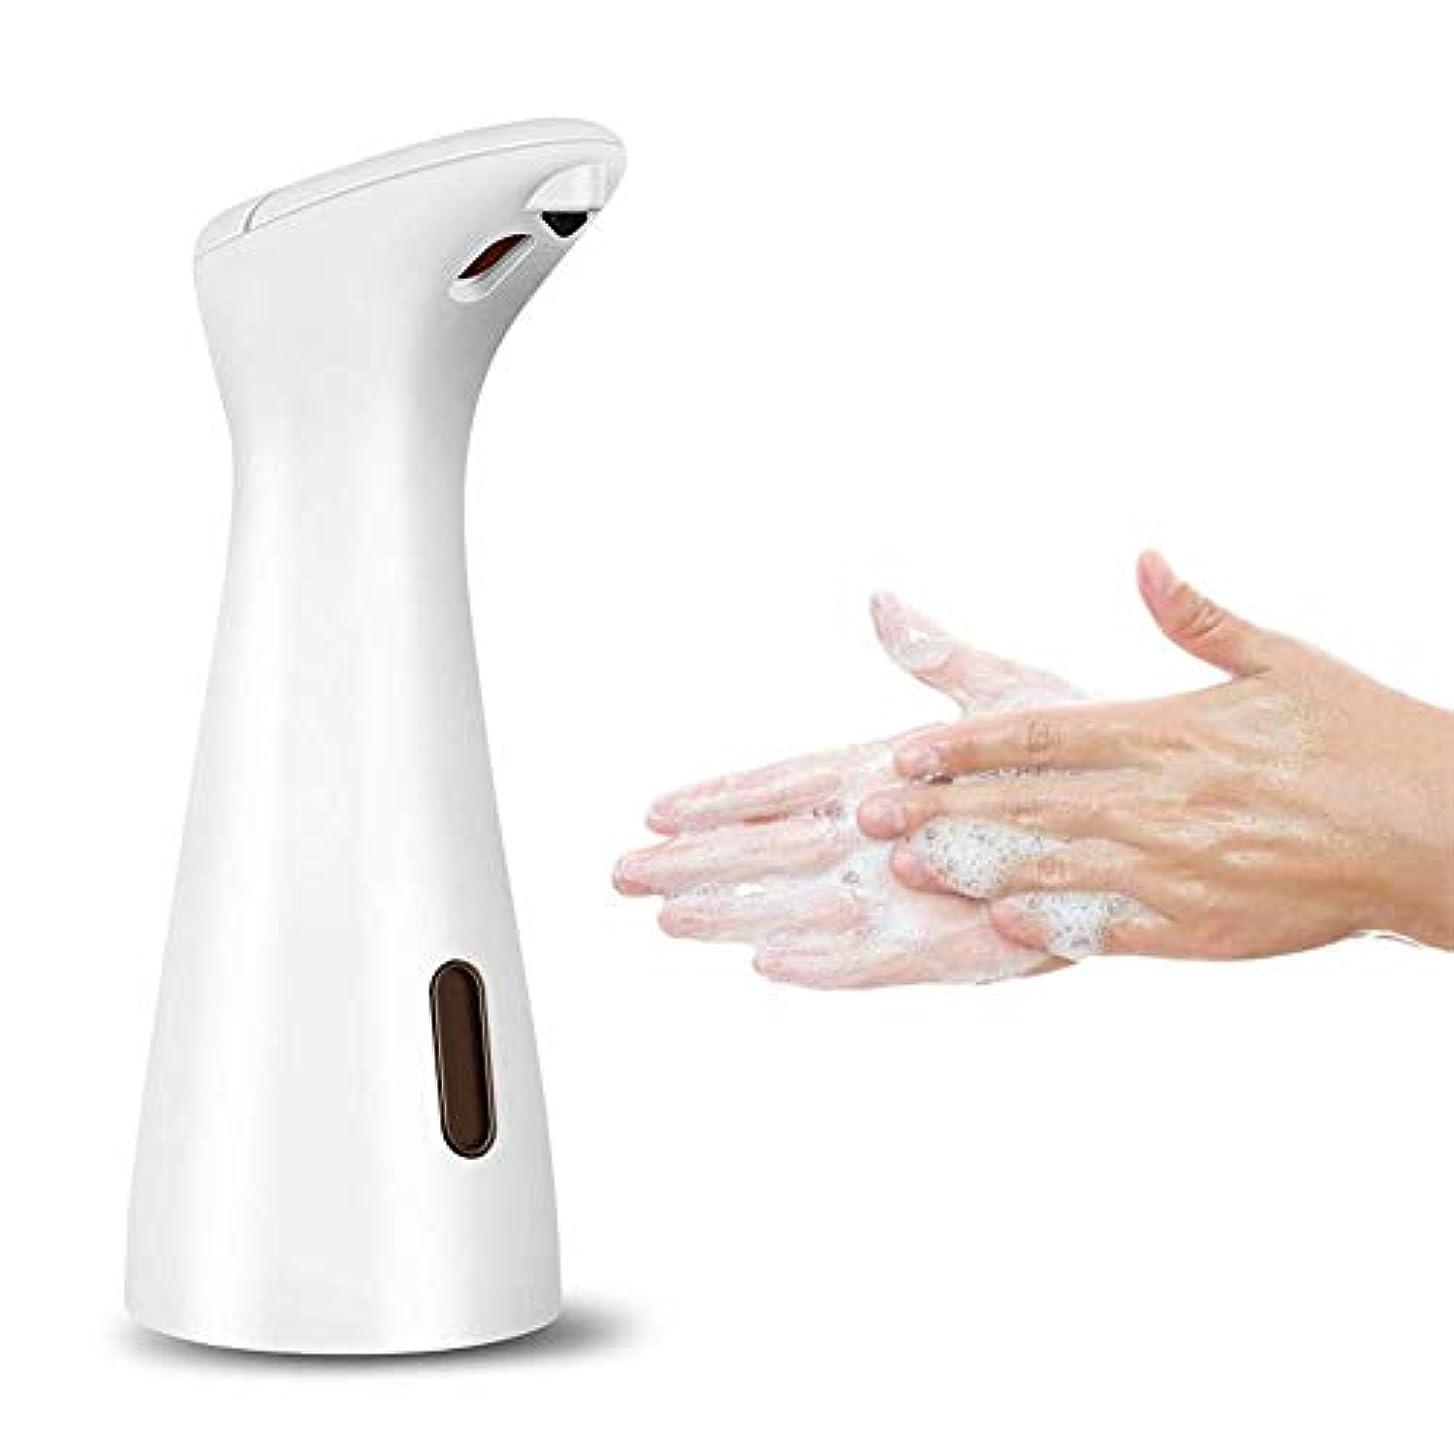 第五運命的な発明する200ミリリットルスマート自動泡ソープディスペンサー誘導発泡手洗い機ポータブル液体ソープディスペンサー浴室キッチンツール